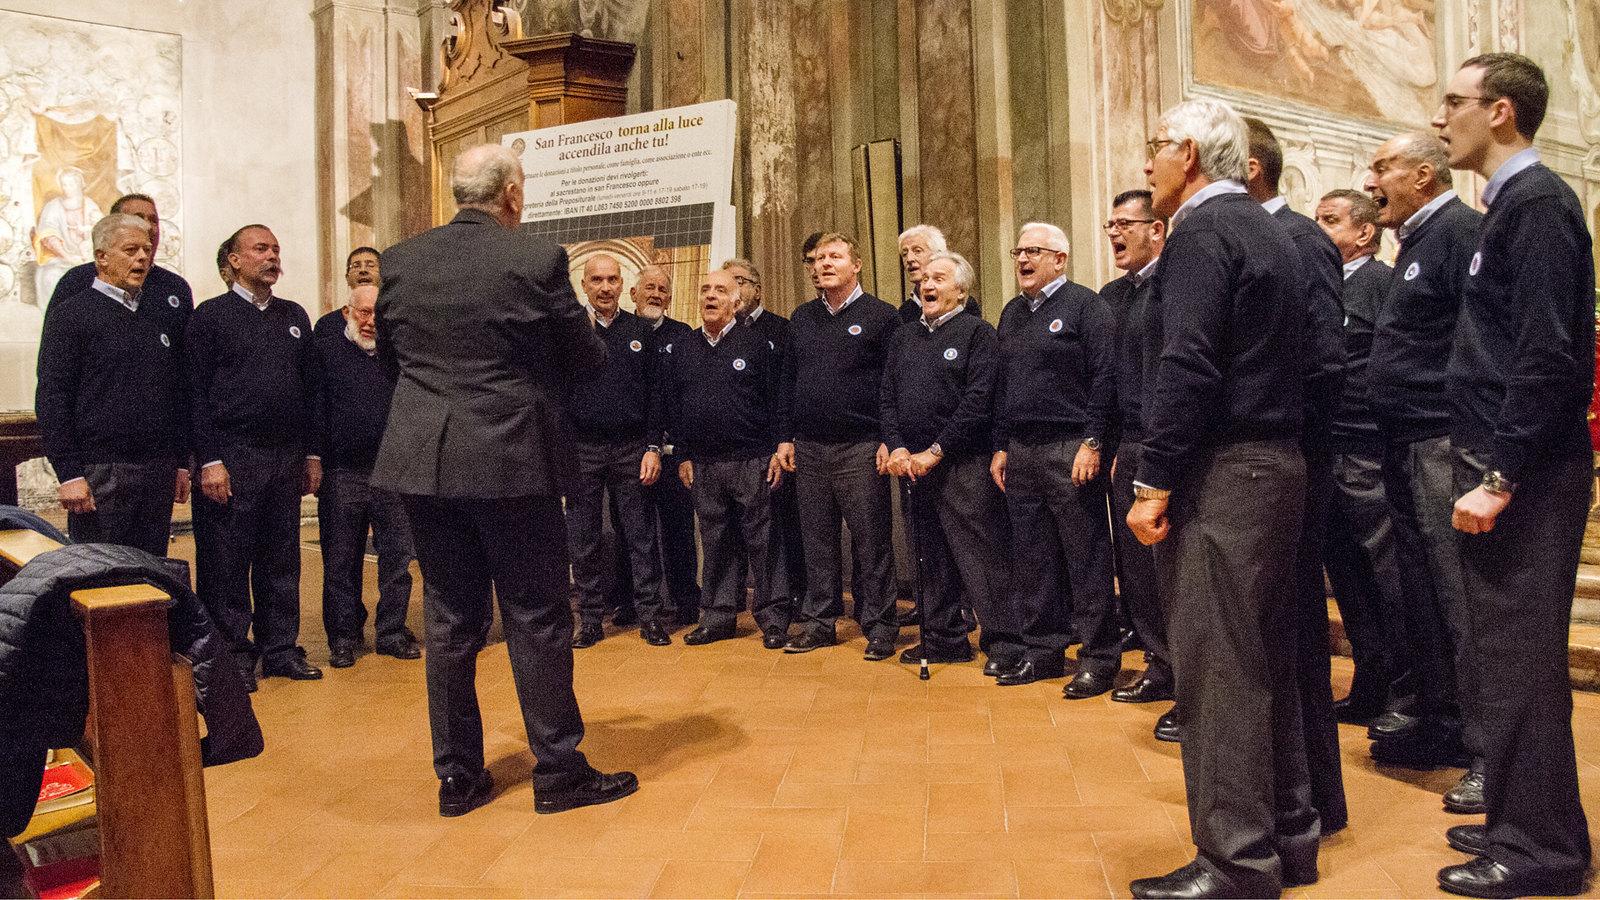 Il Coro La Rocca di Appiano Gentile (VA)